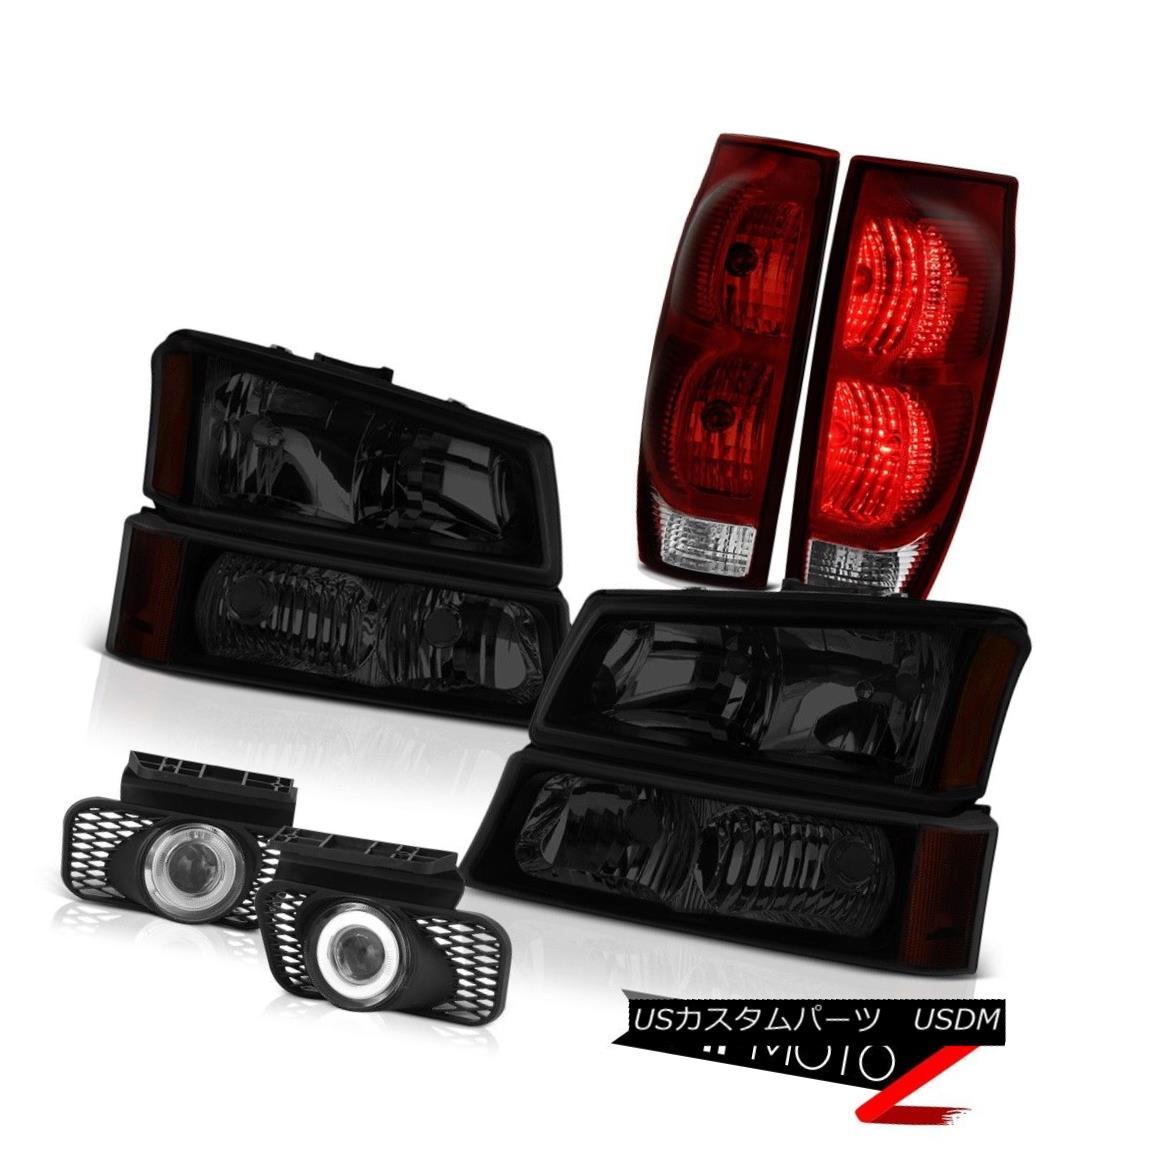 テールライト 2003-2006 Avalanche 1500 Chrome Fog Lamps Red Smoke Tail Lights Tinted Headlamps 2003-2006雪崩1500クロームフォグランプ赤い煙テールランプ彩色ヘッドランプ